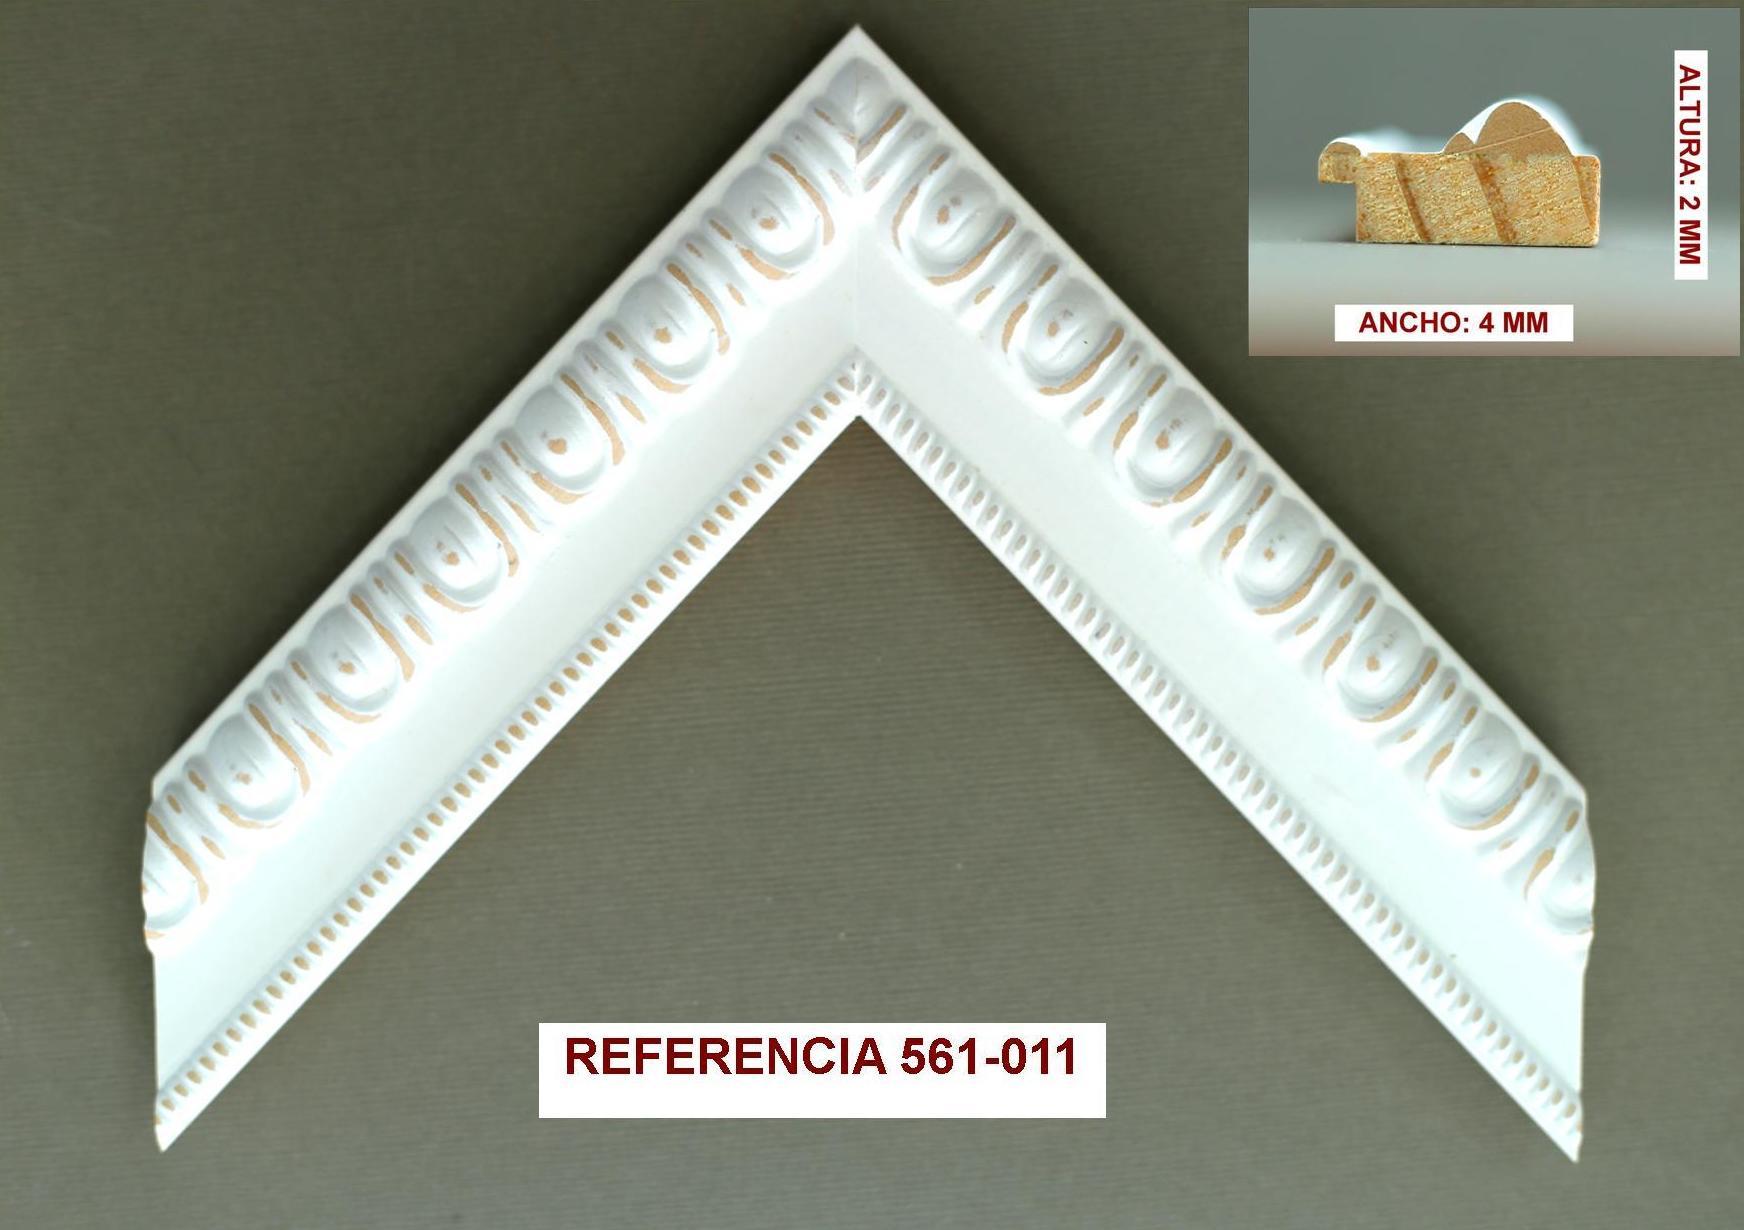 REF 561-011: Muestrario de Moldusevilla